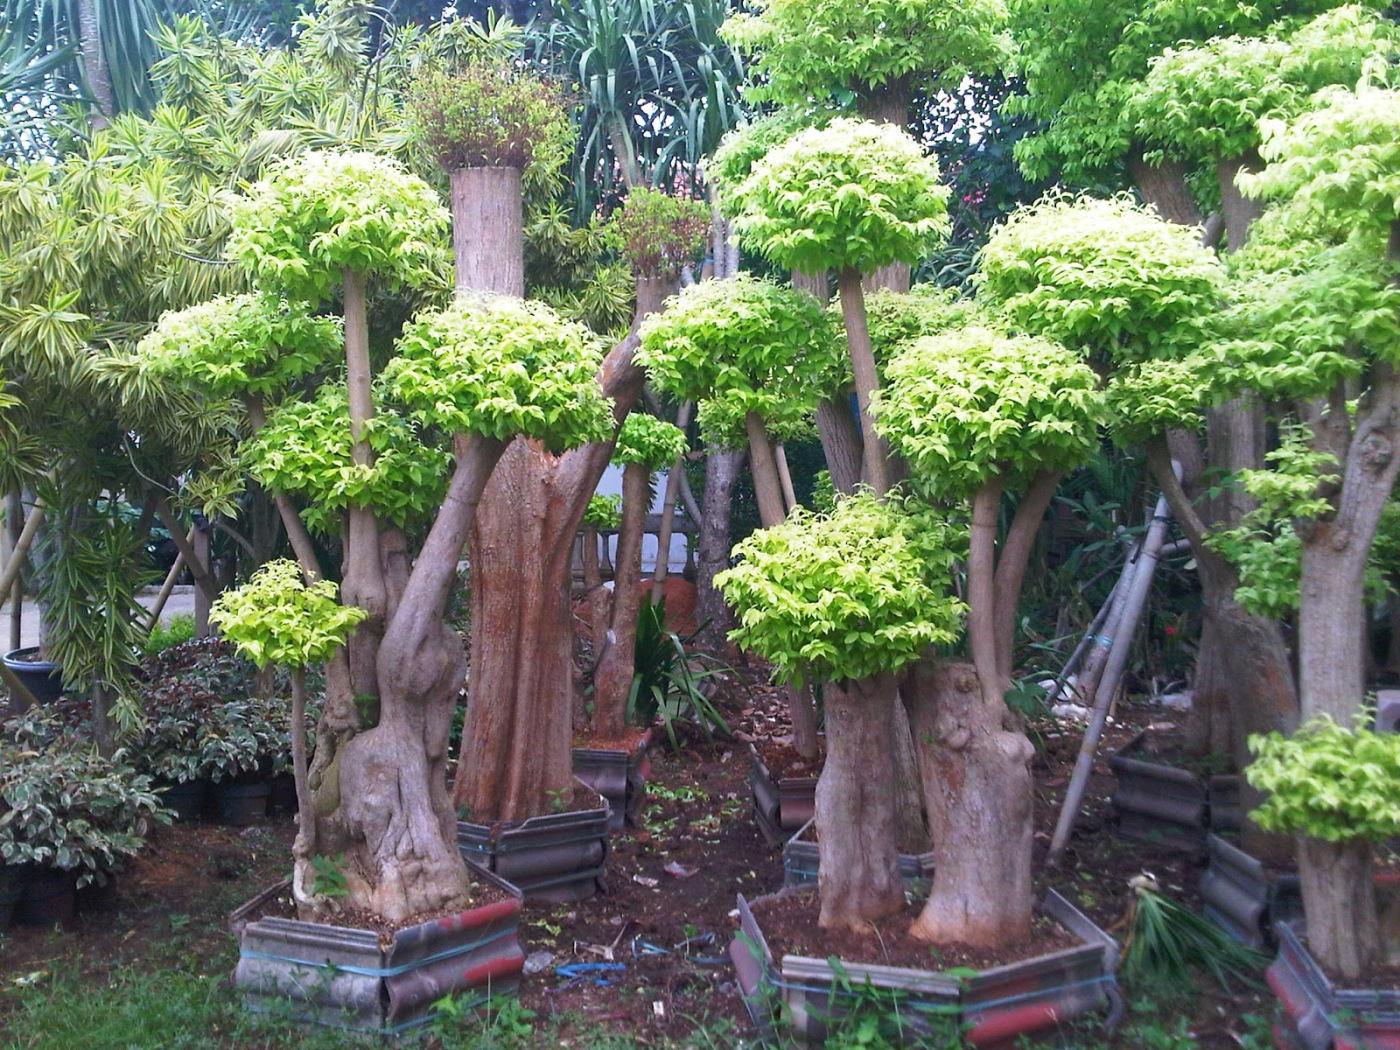 Jual Pohon Bonsai Anting Putri Harga Terjangkau Daerah Jakarta Selatan